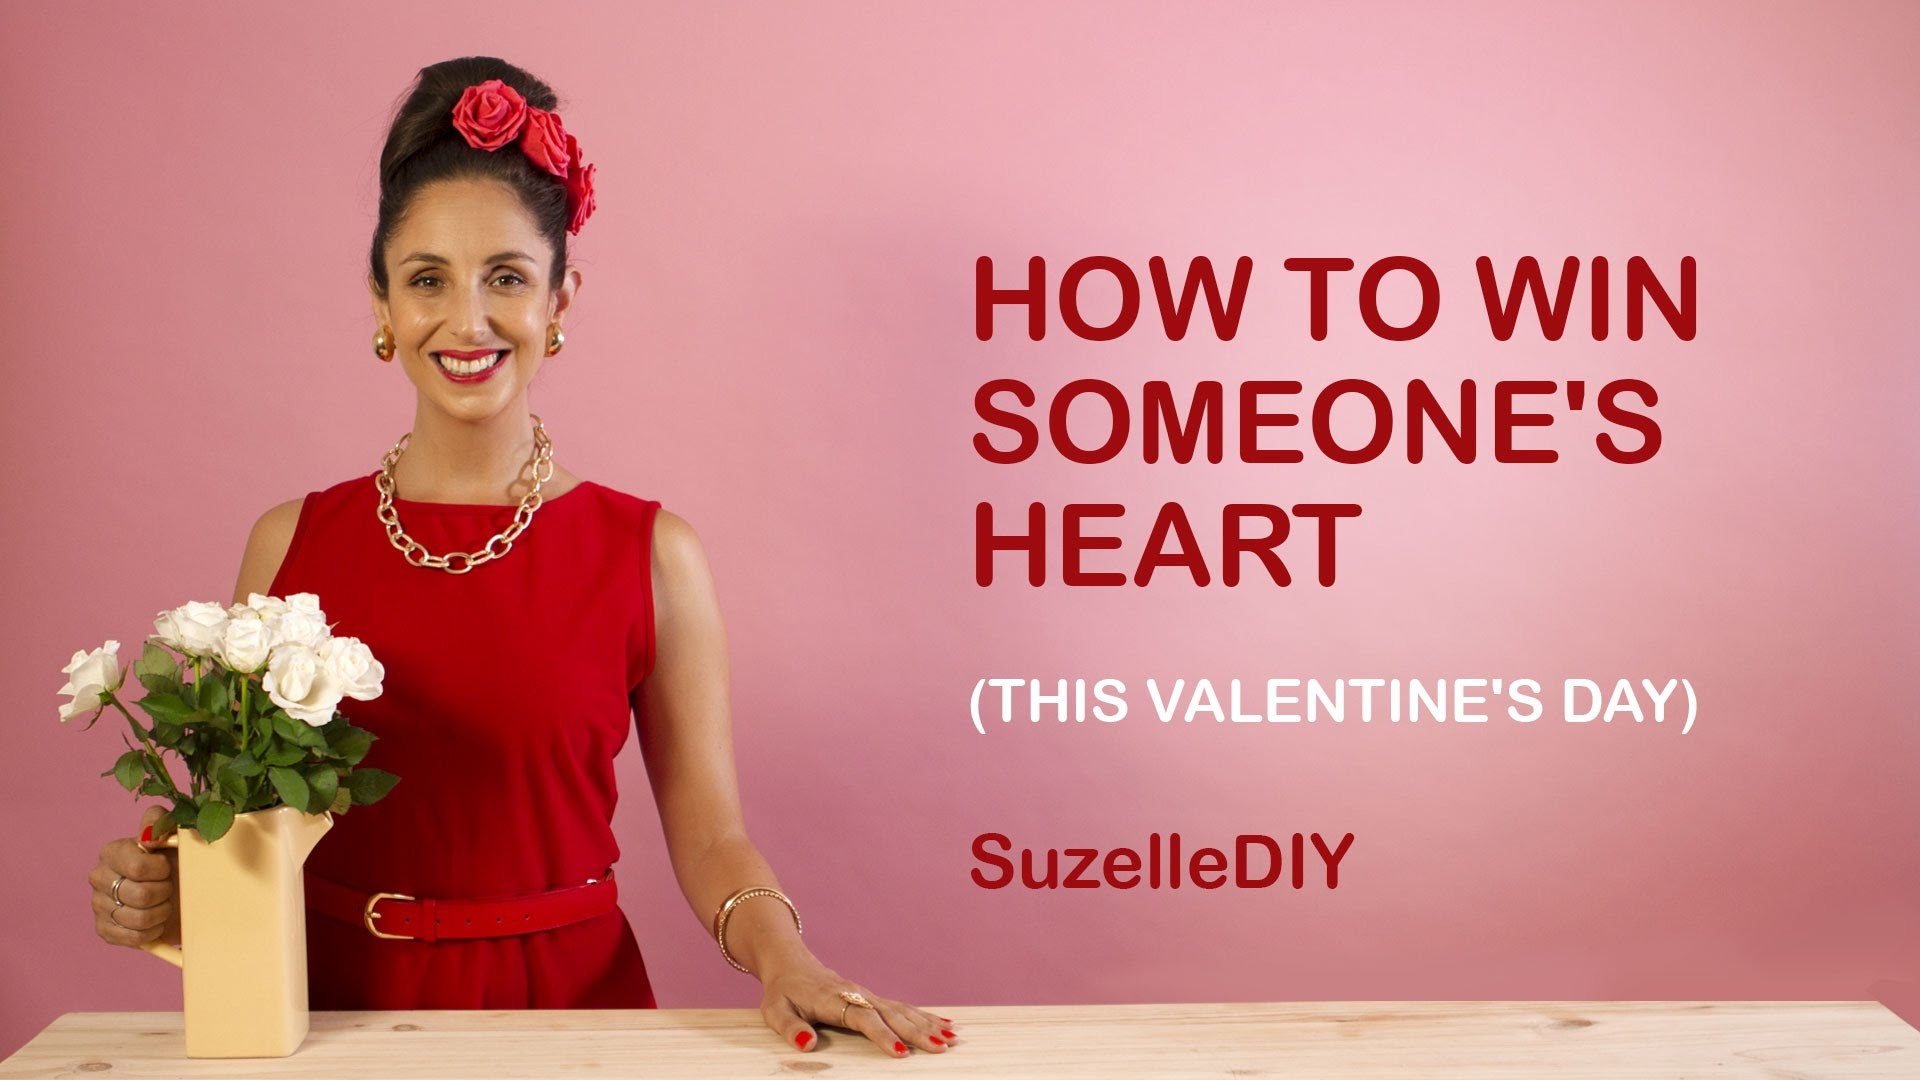 SuzelleDIY - How to Win Someone's Heart